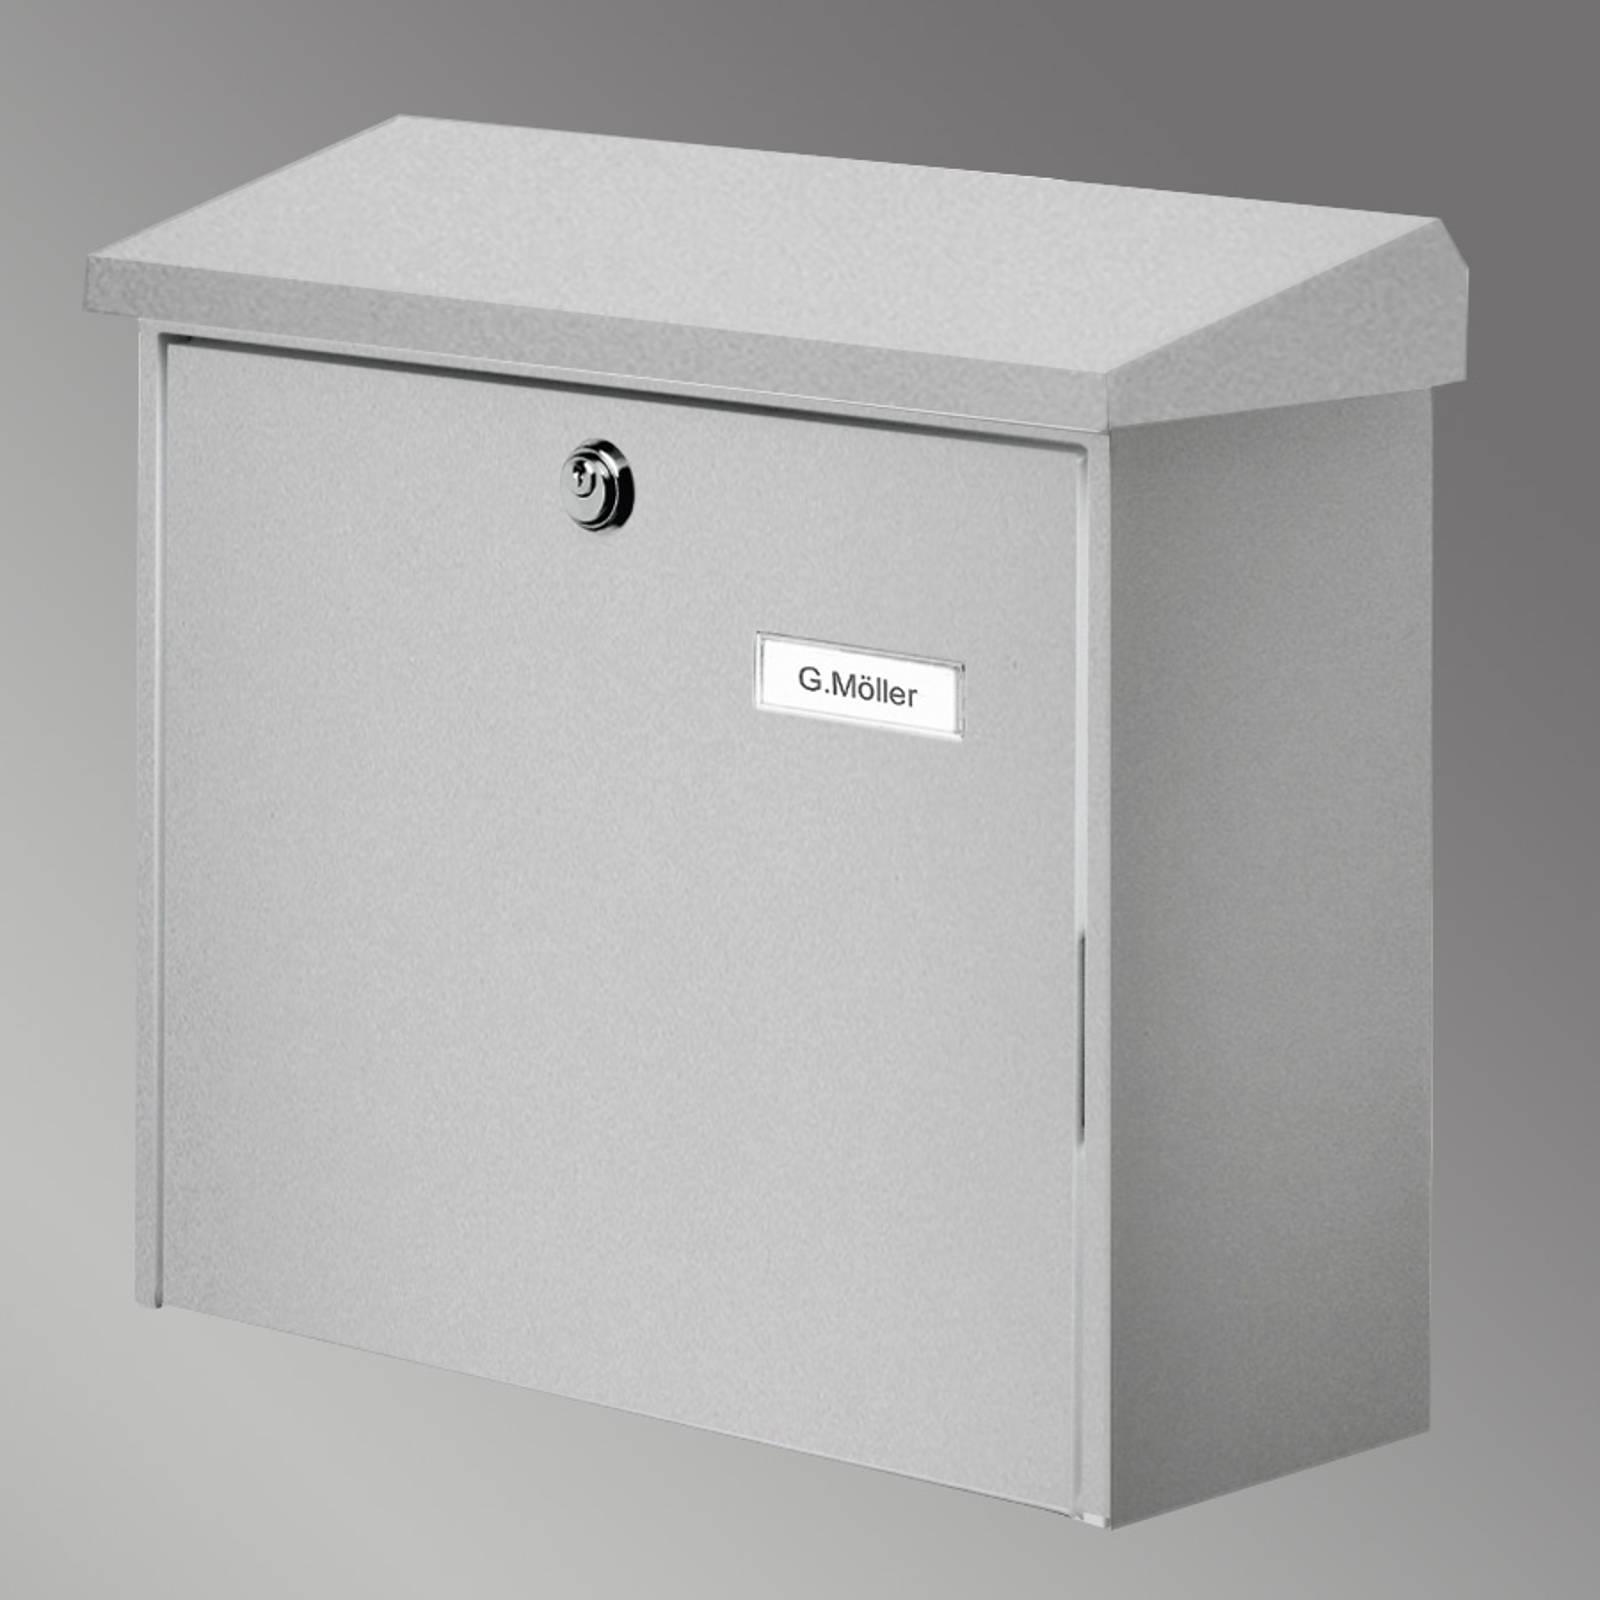 COMFORT-postilaatikko, hopea